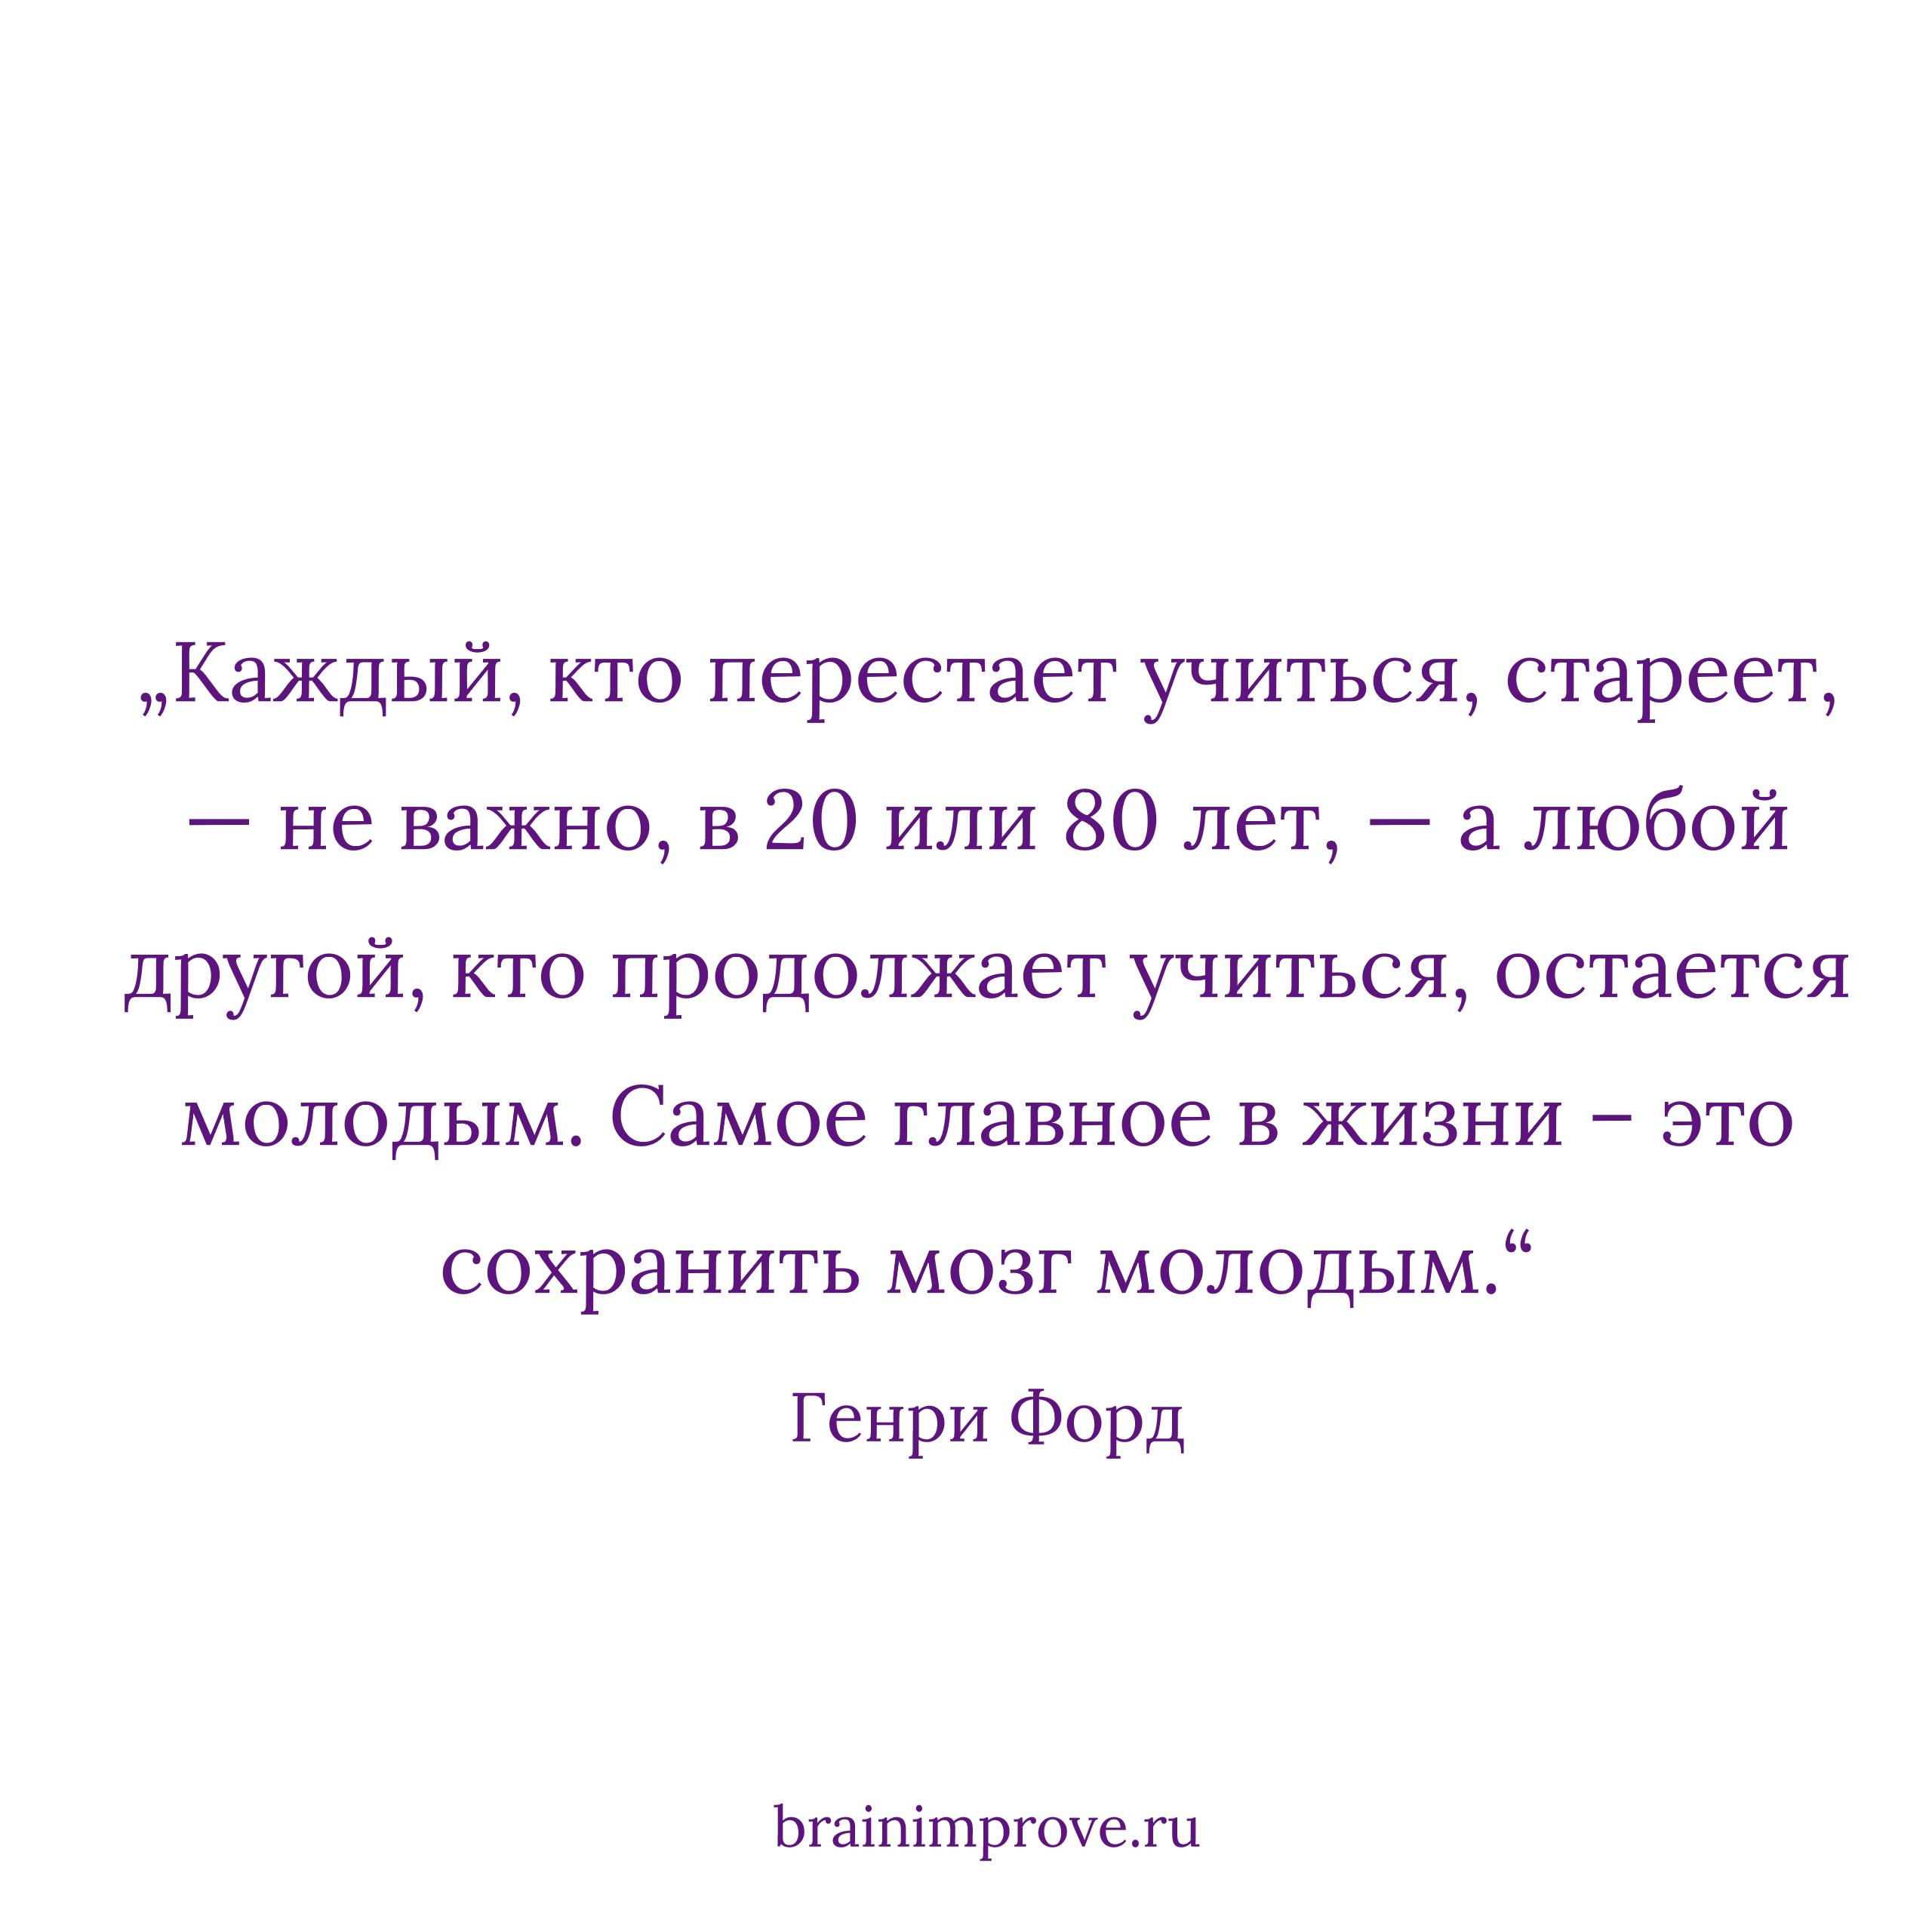 Каждый, кто перестает учиться, стареет